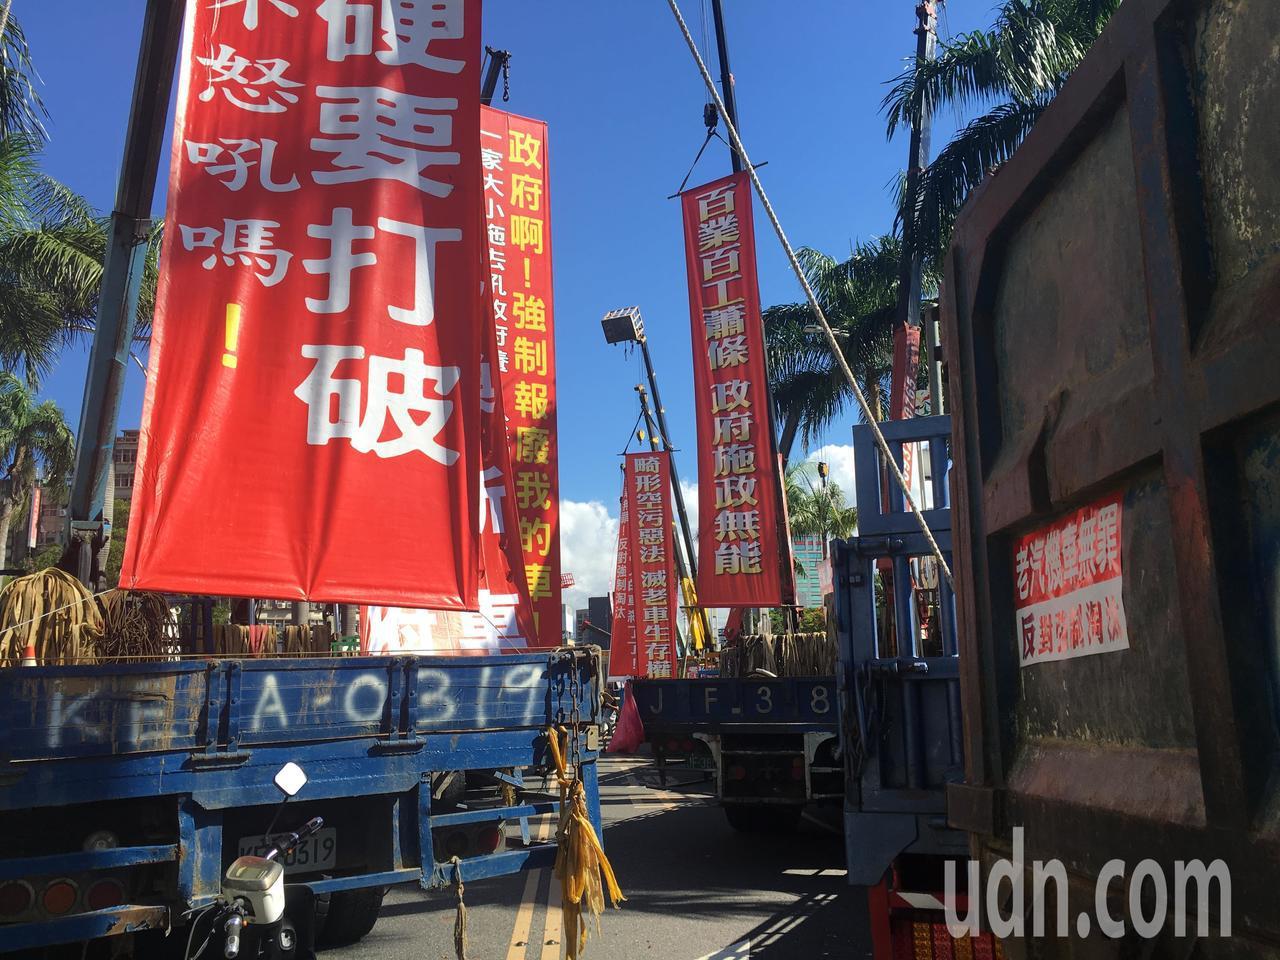 新空汙法通過後爭議不斷,老車自救會今集結上百輛大車北上抗議。記者吳姿賢/攝影